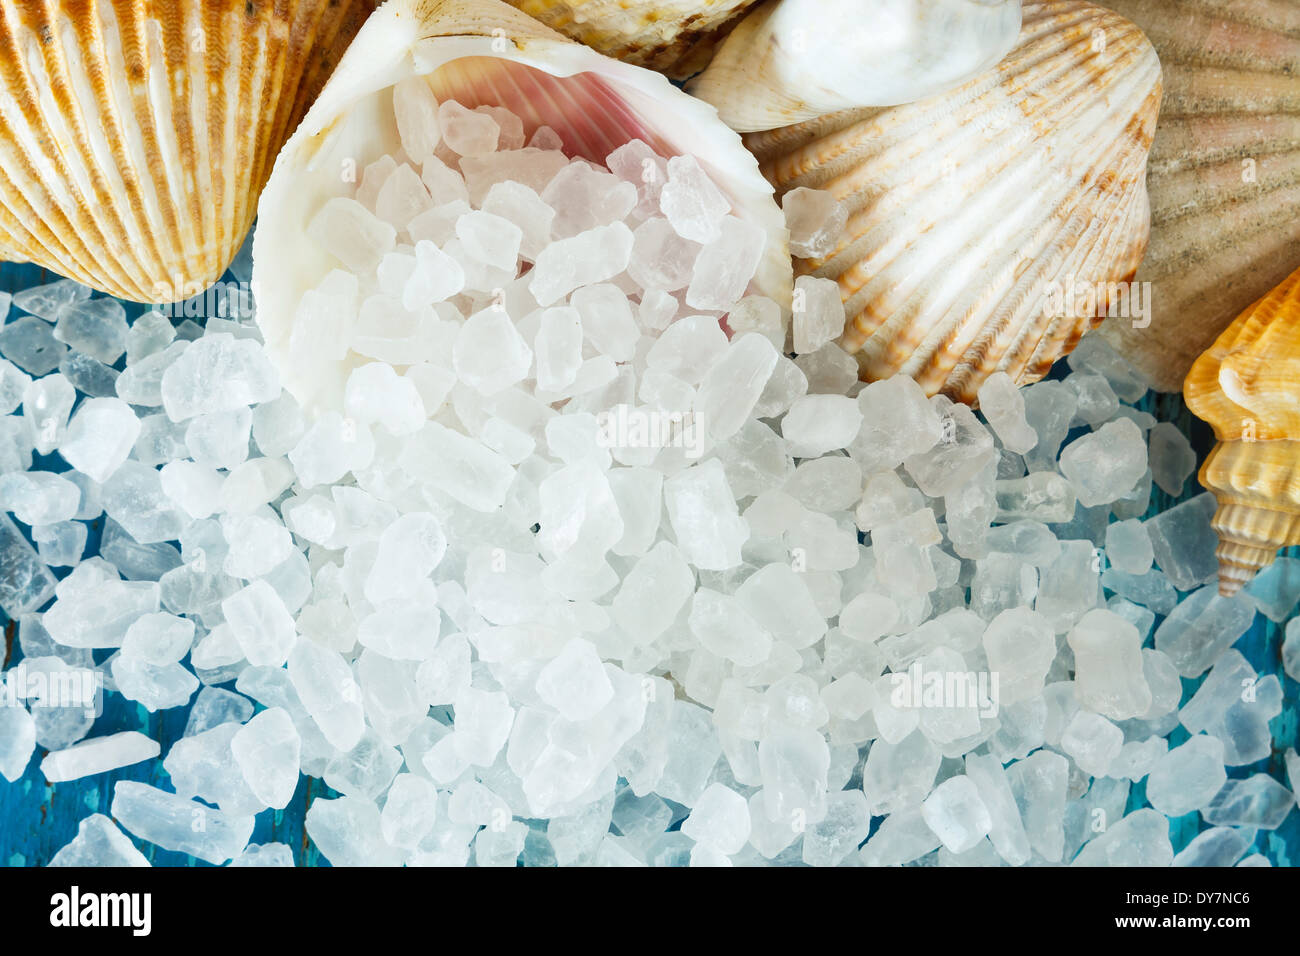 Los cristales de sal de mar en shell en junta viejos pintados como fondo Imagen De Stock